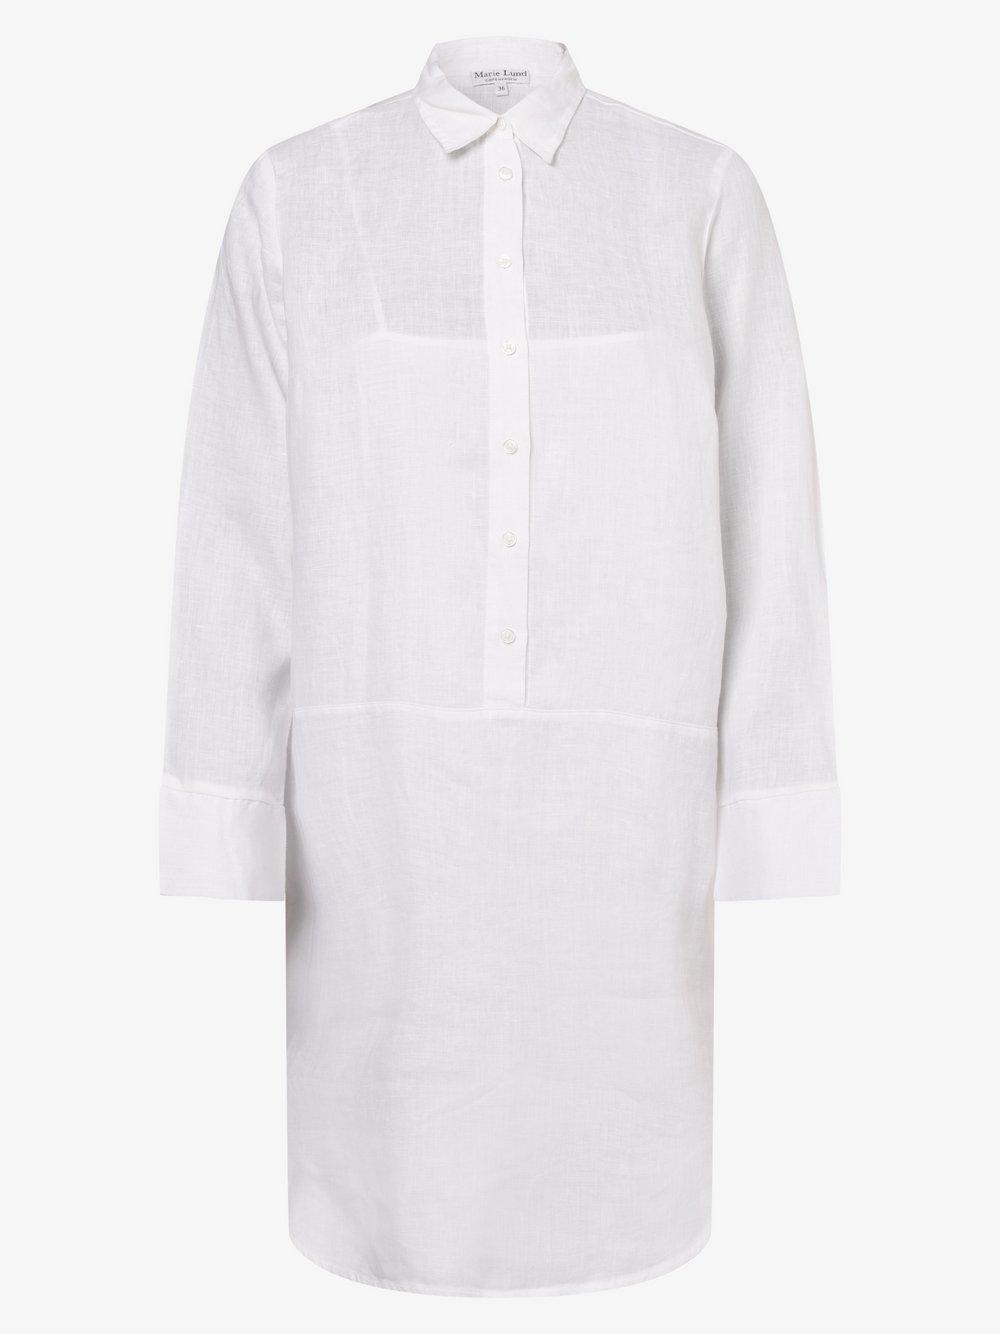 Marie Lund - Damska sukienka lniana, biały